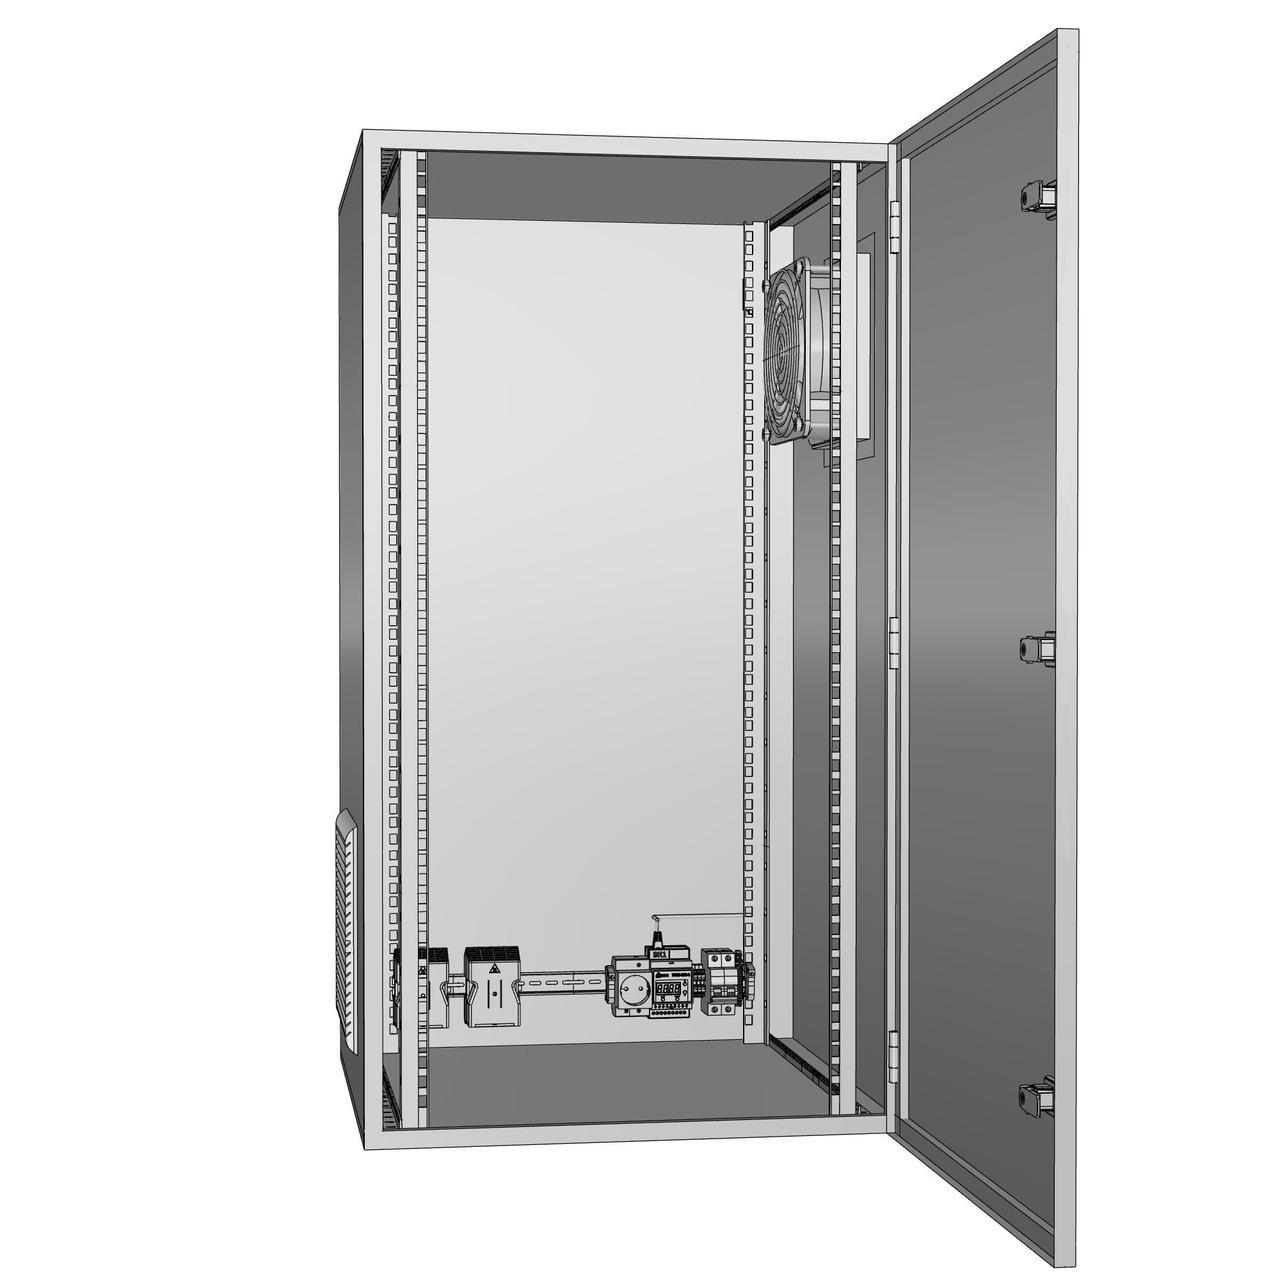 Шкаф климатический утеплённый с вентиляцией ЩКу- В- 6 - 1000×800×300 (В×Ш×Г) IP65